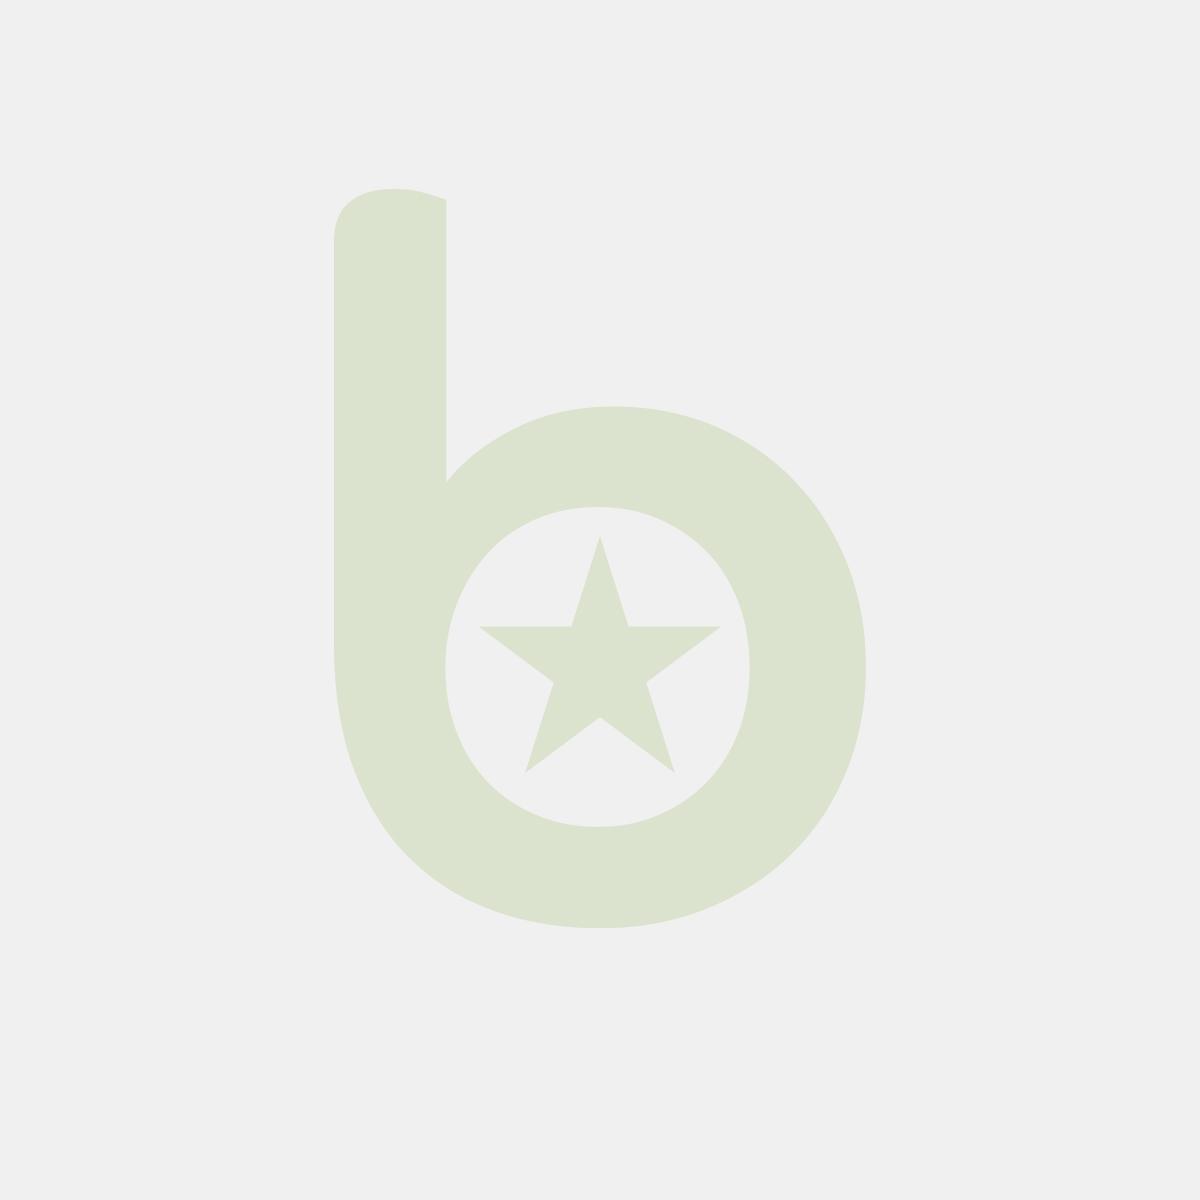 FINGERFOOD - talerzyk PS czarny 6,6x8 op. 50 sztuk